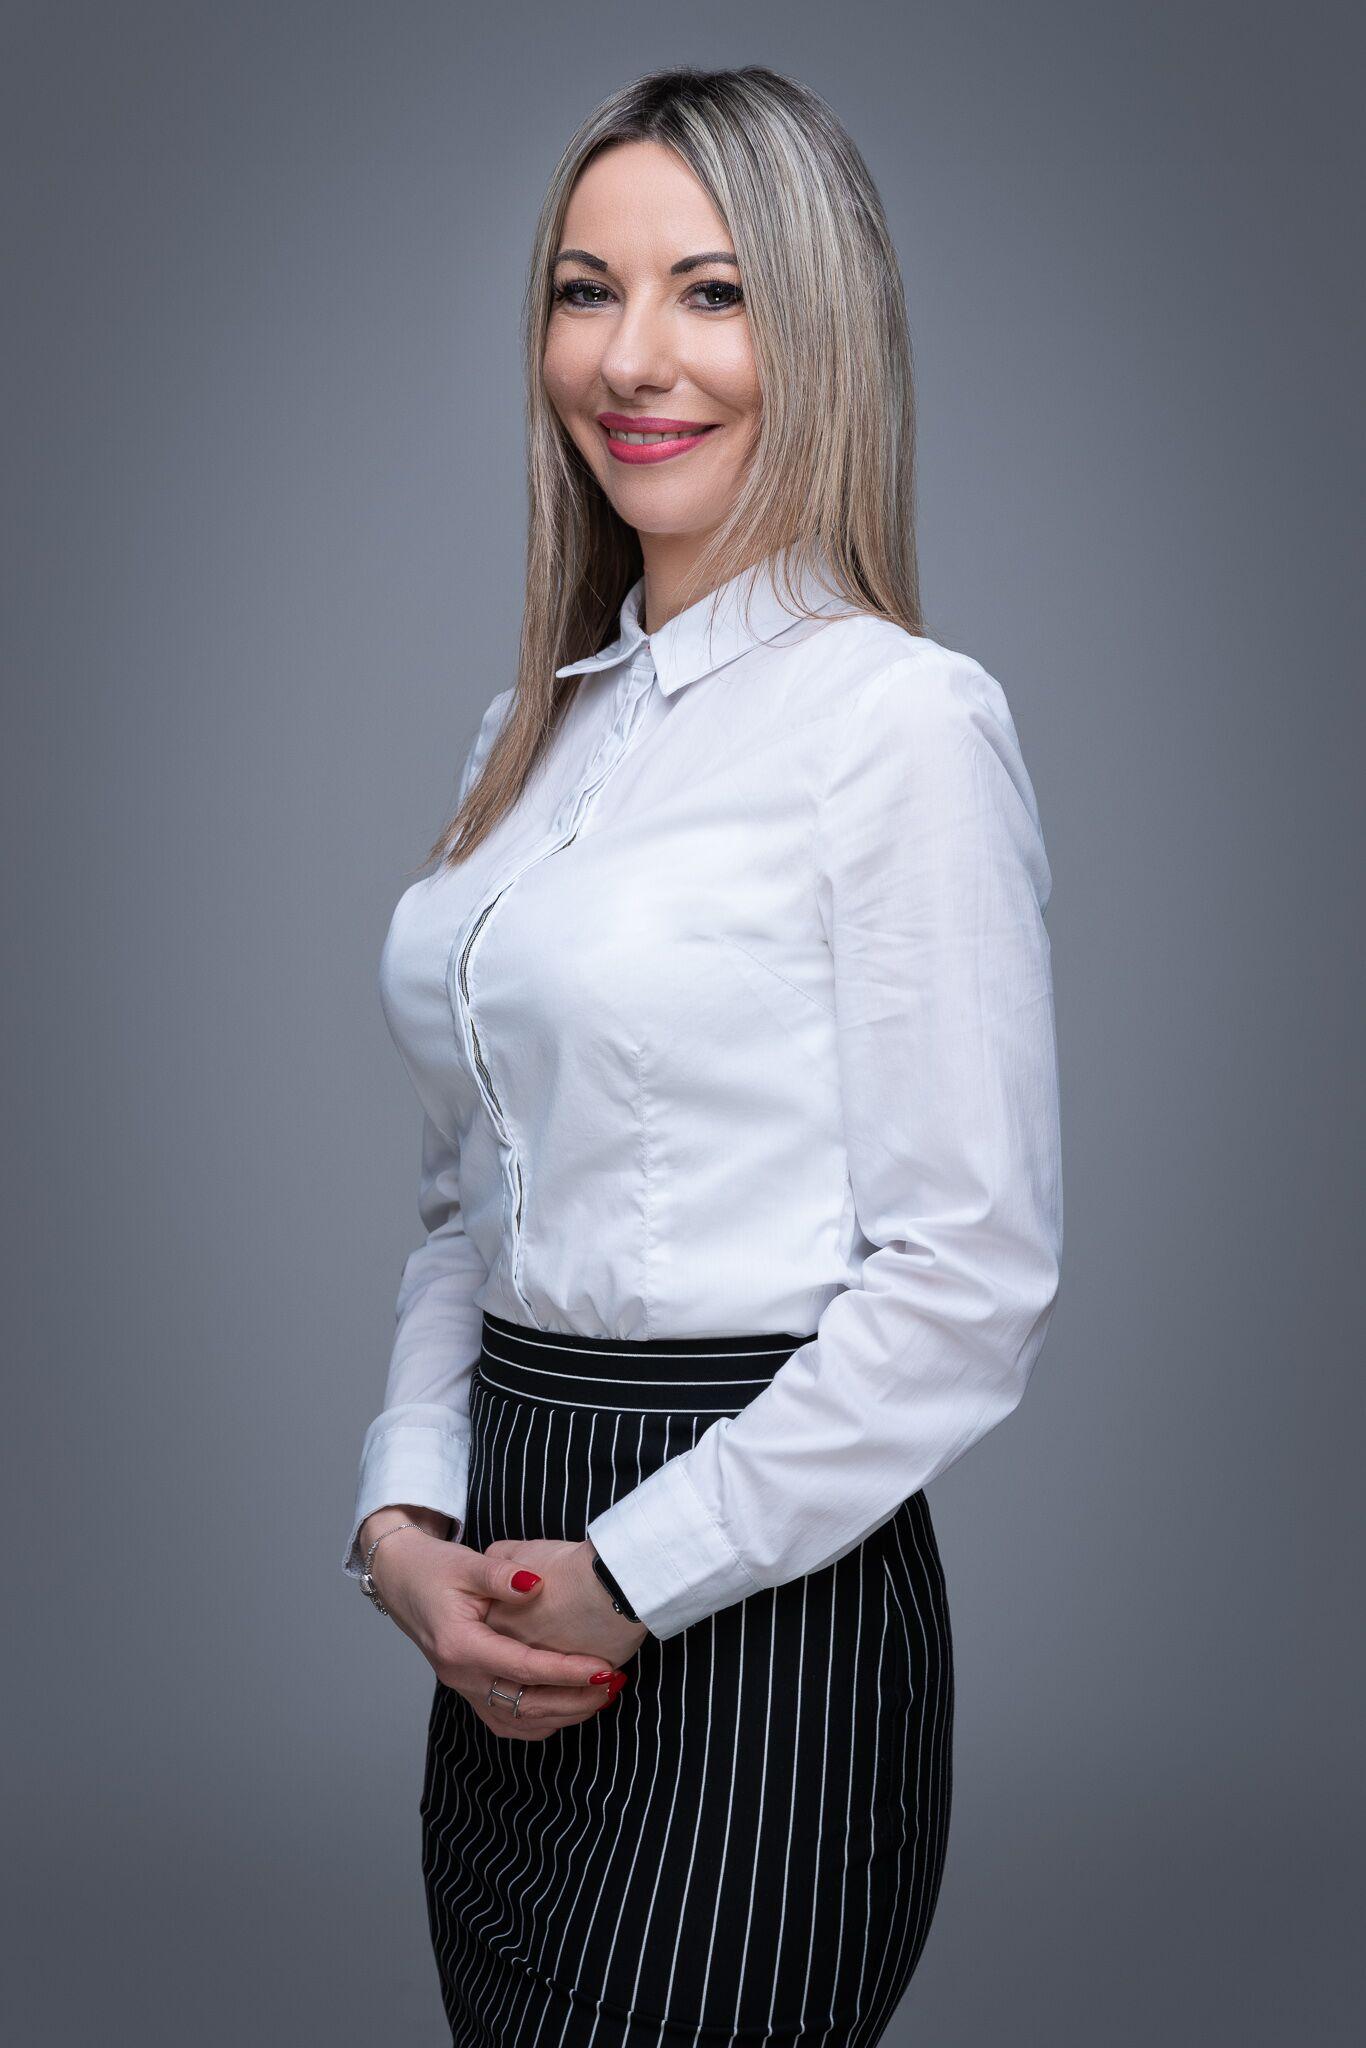 Dorota Zabczynska